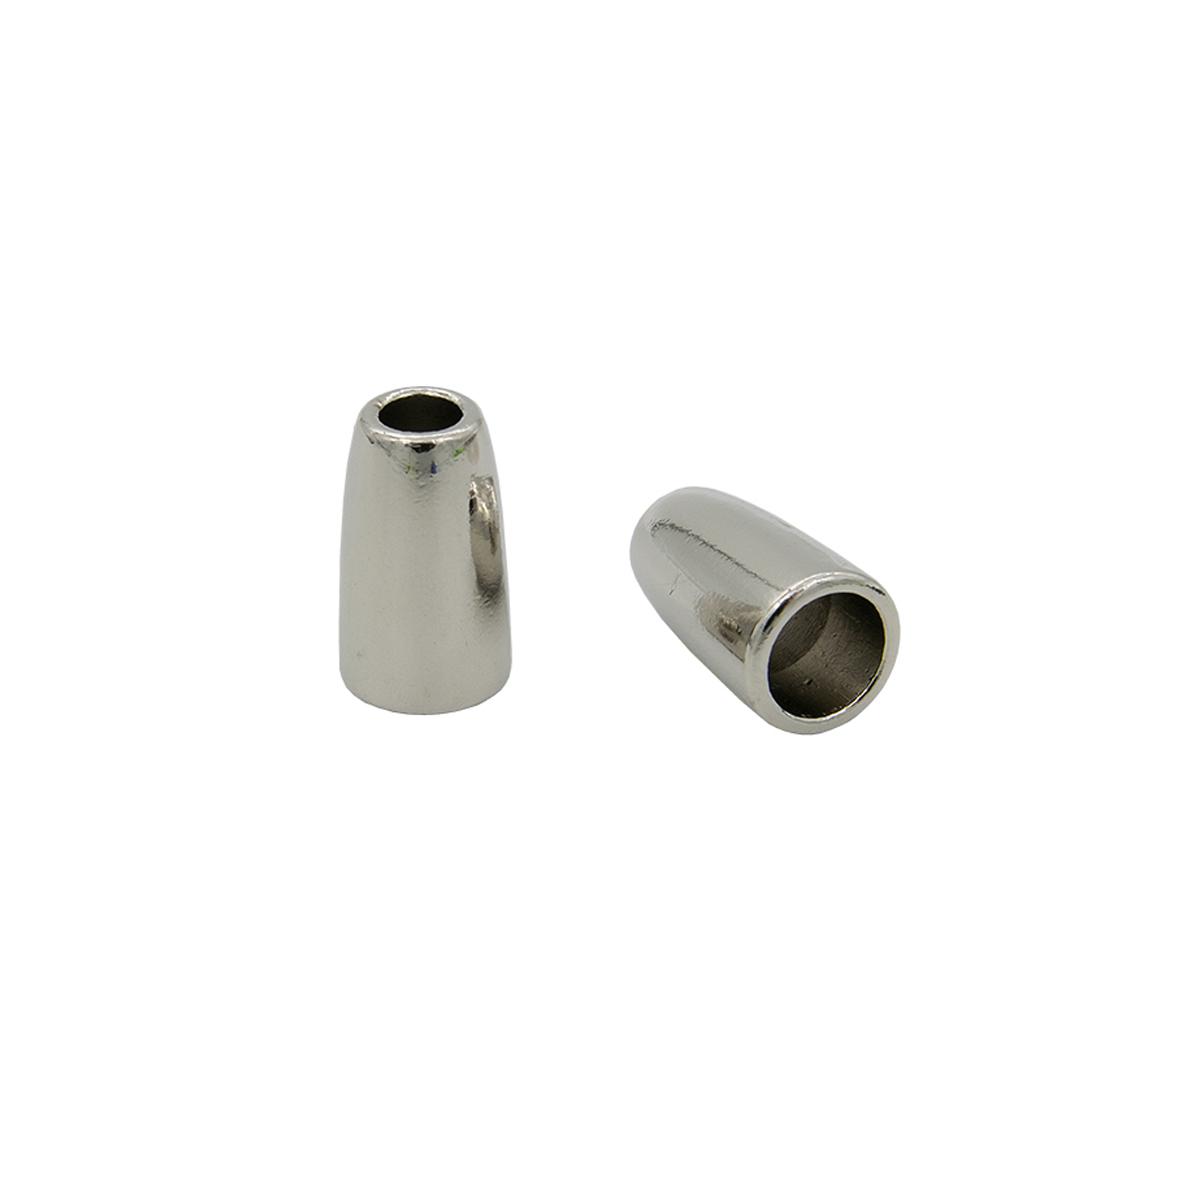 0305-5227 Наконечник 'Колокол' d=3,5/6,5мм, 13,5*8,5мм, 4шт, металл Hobby&Pro